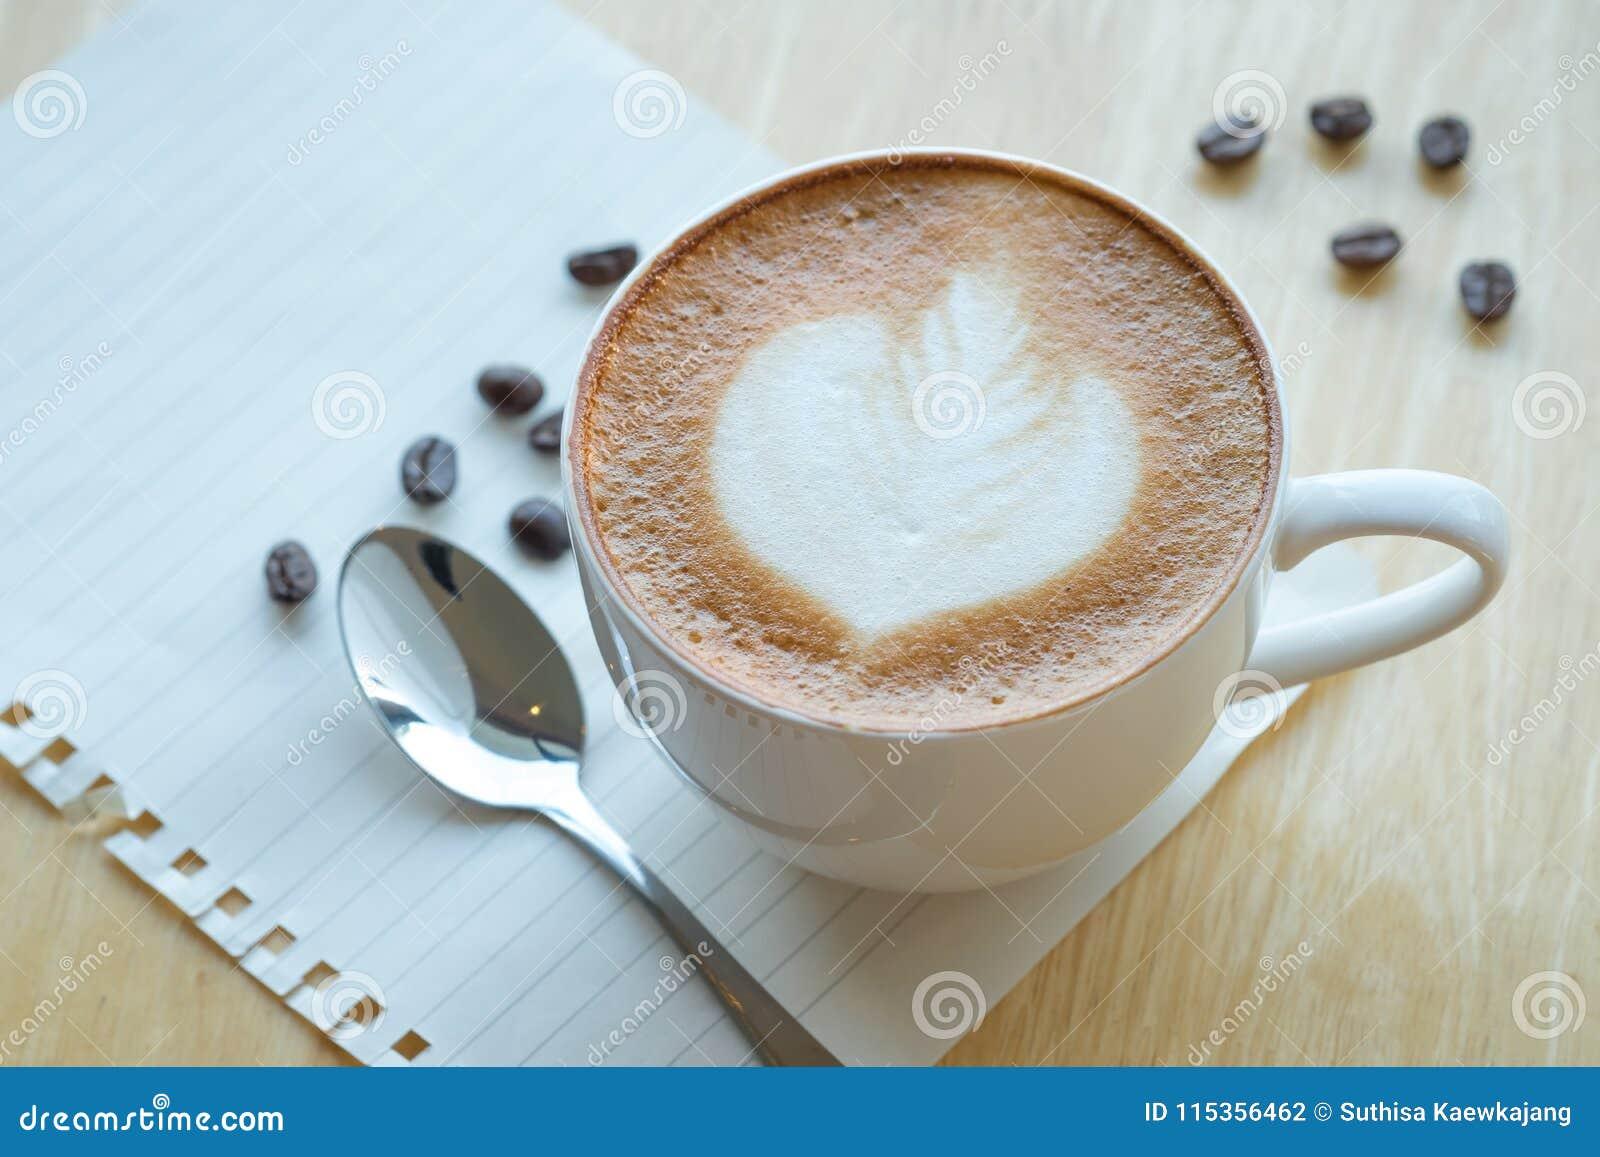 De koffie van de Lattekunst en geroosterde koffiebonen op houten lijst backg